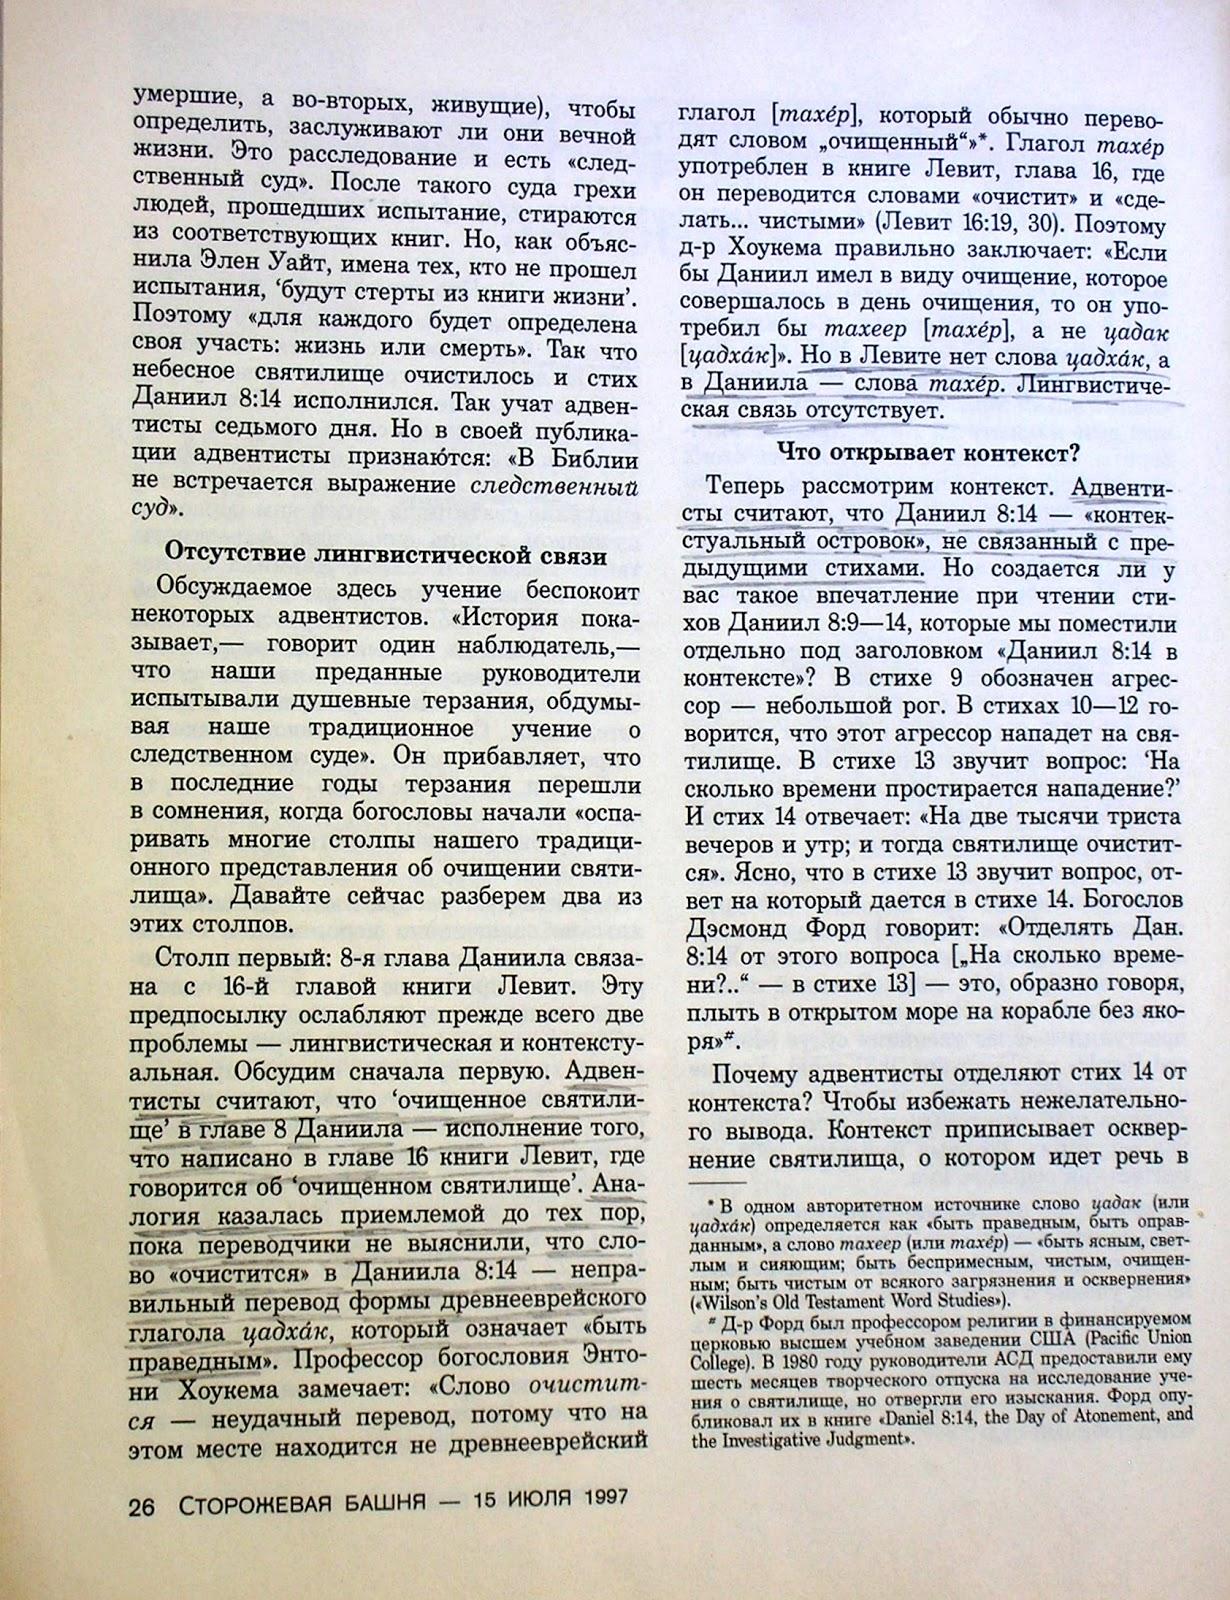 Сторожевая Башня от 15. 07. 1997. стр. 25 - 29